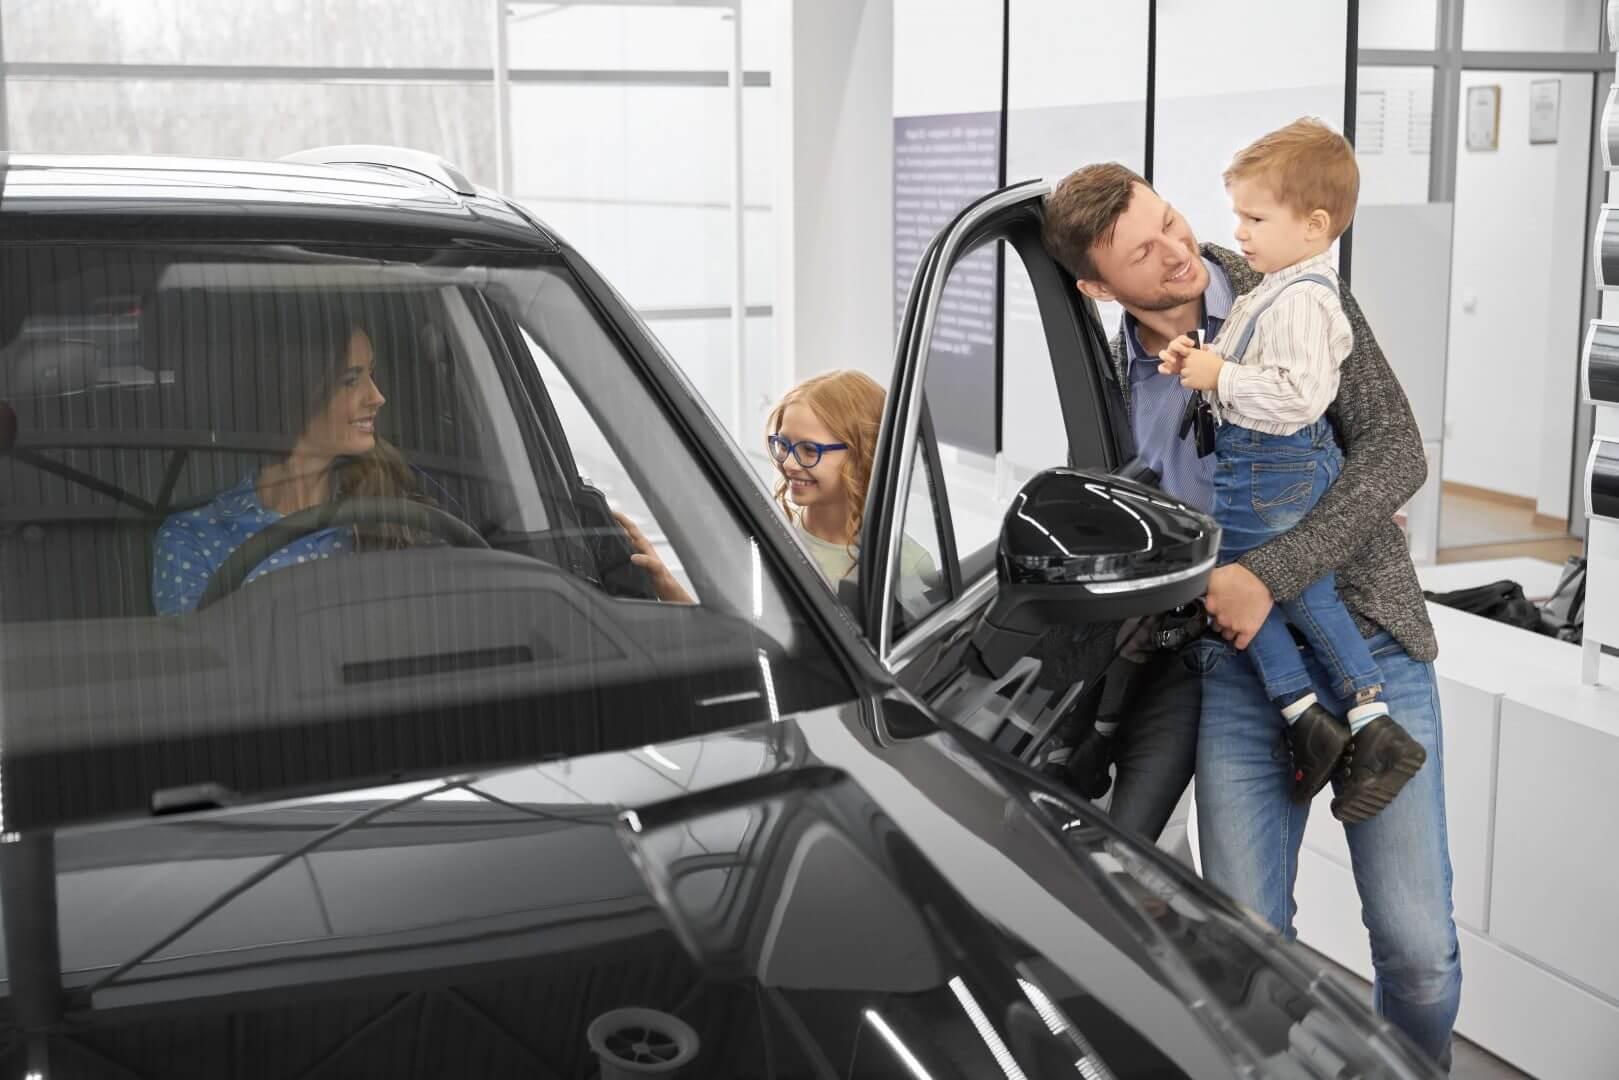 Ubezpieczenie nowego samochodu – kto za nie odpowiada?